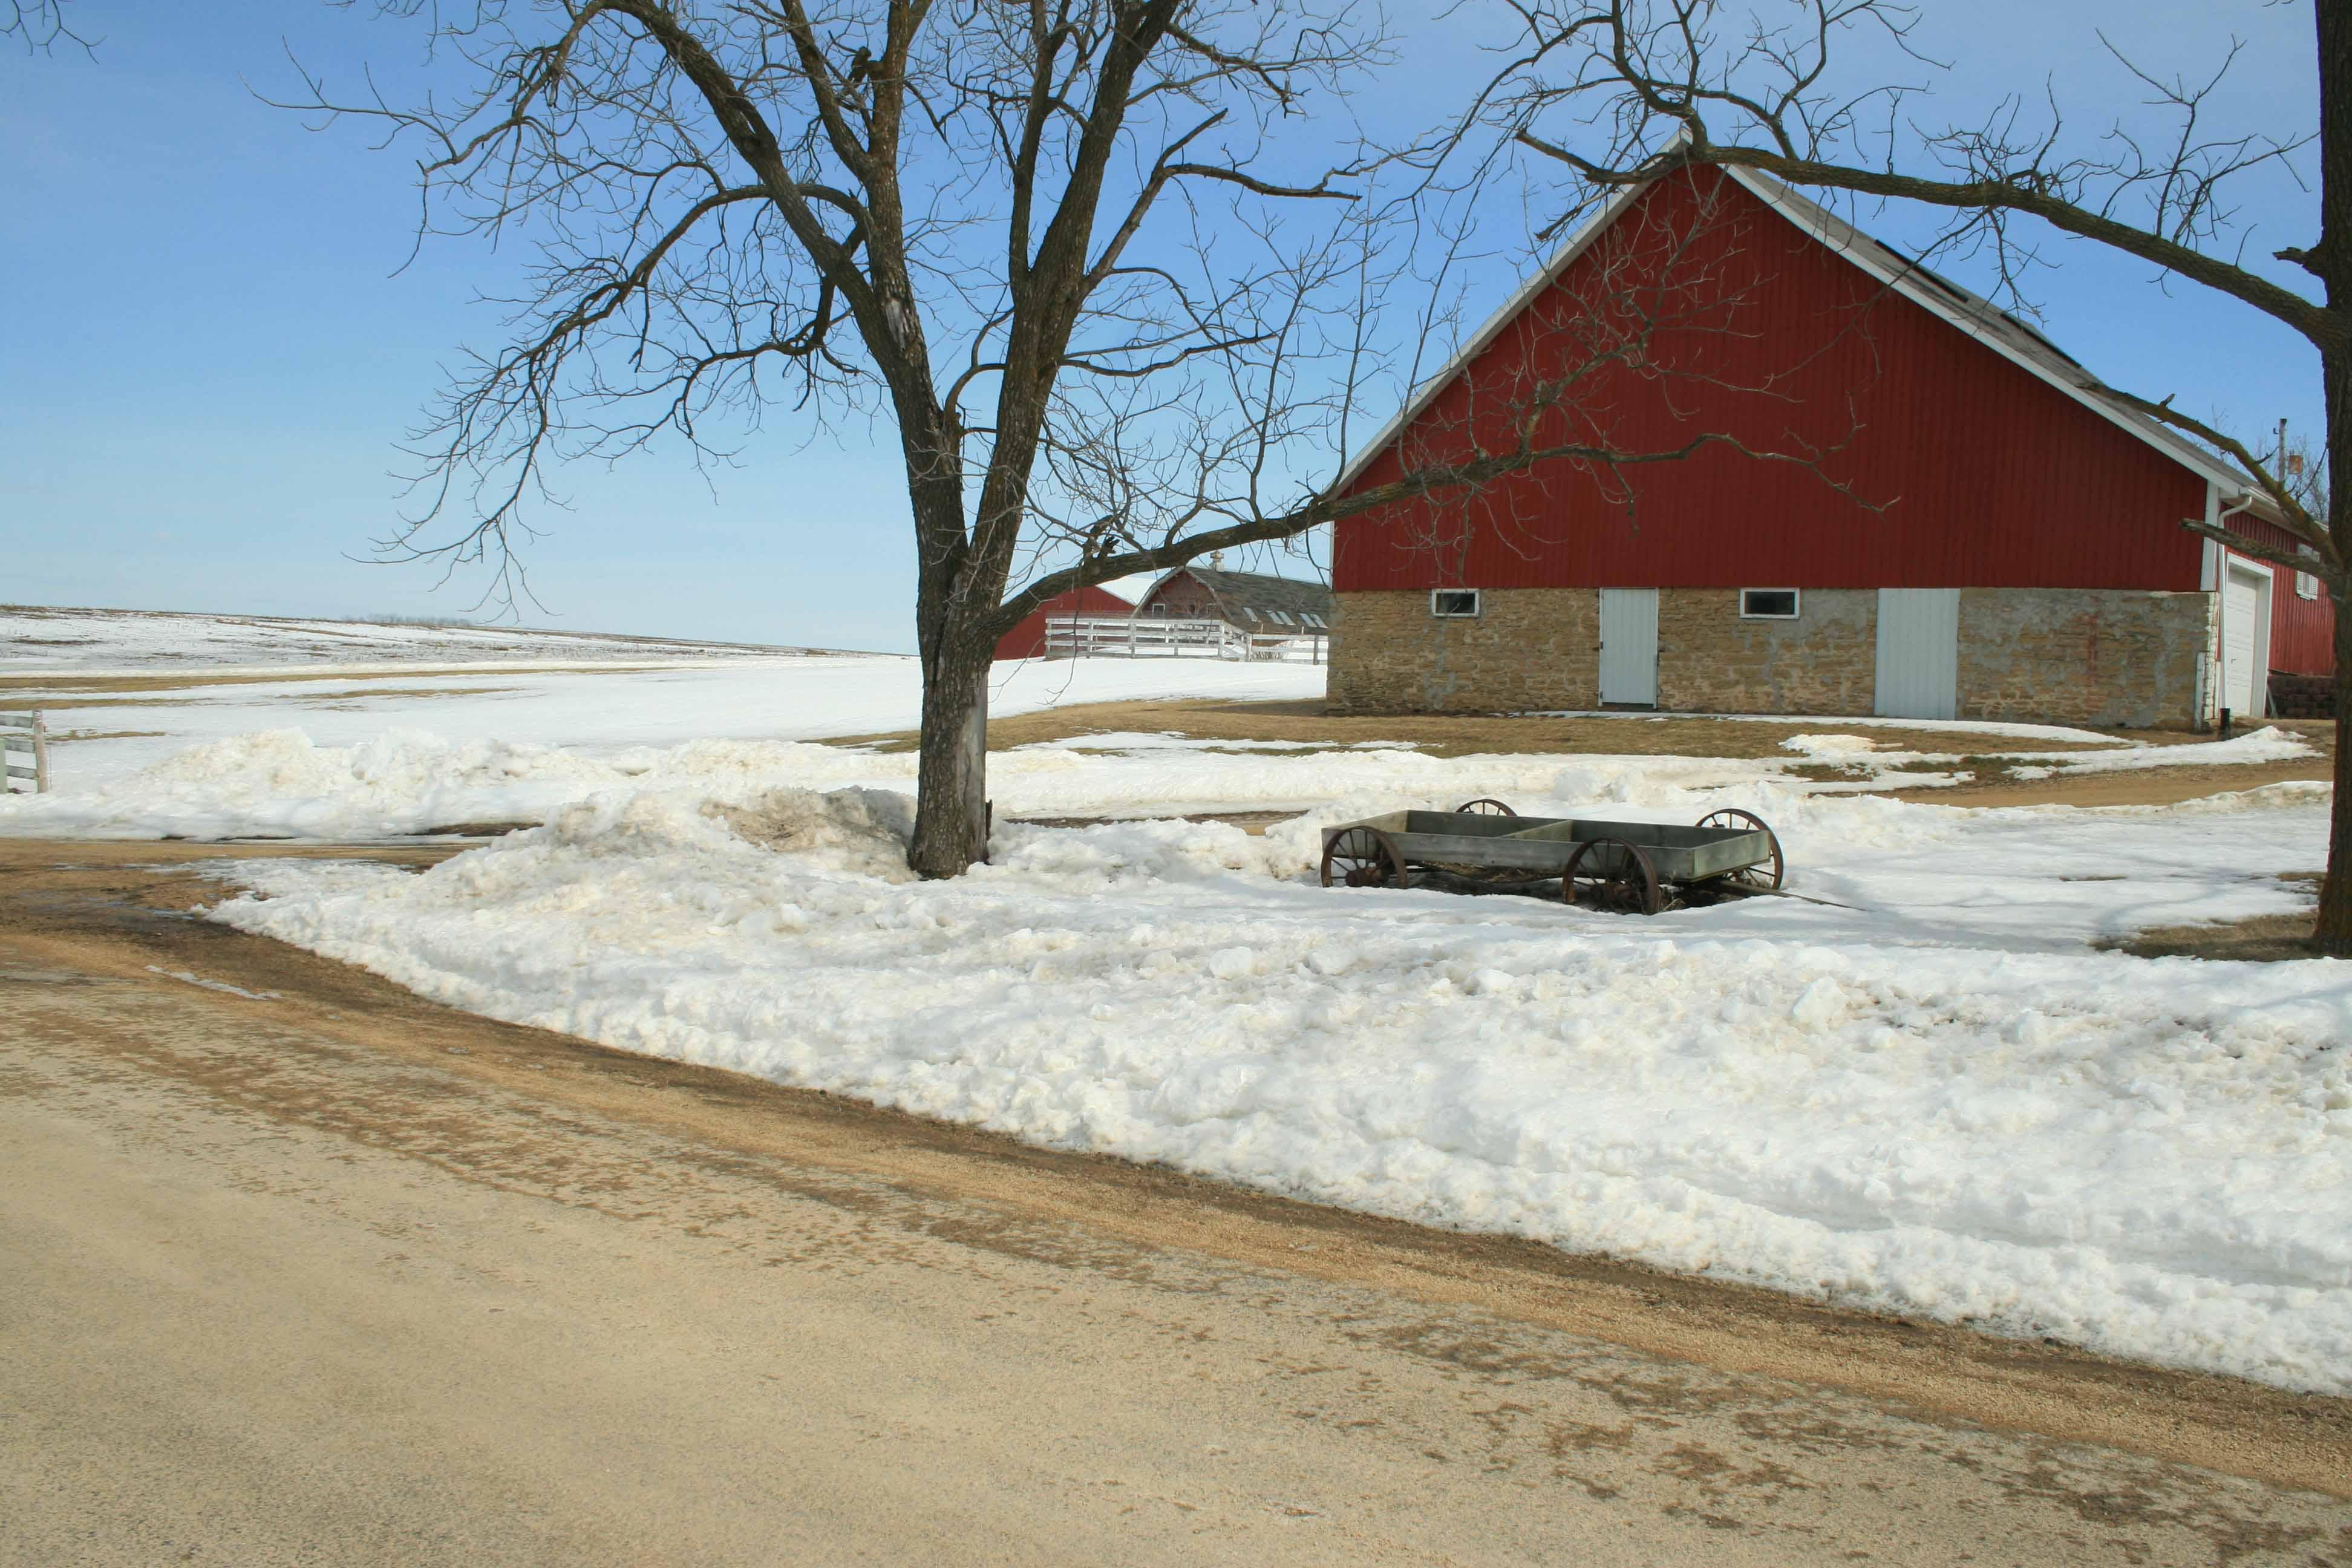 Snow around the wagon